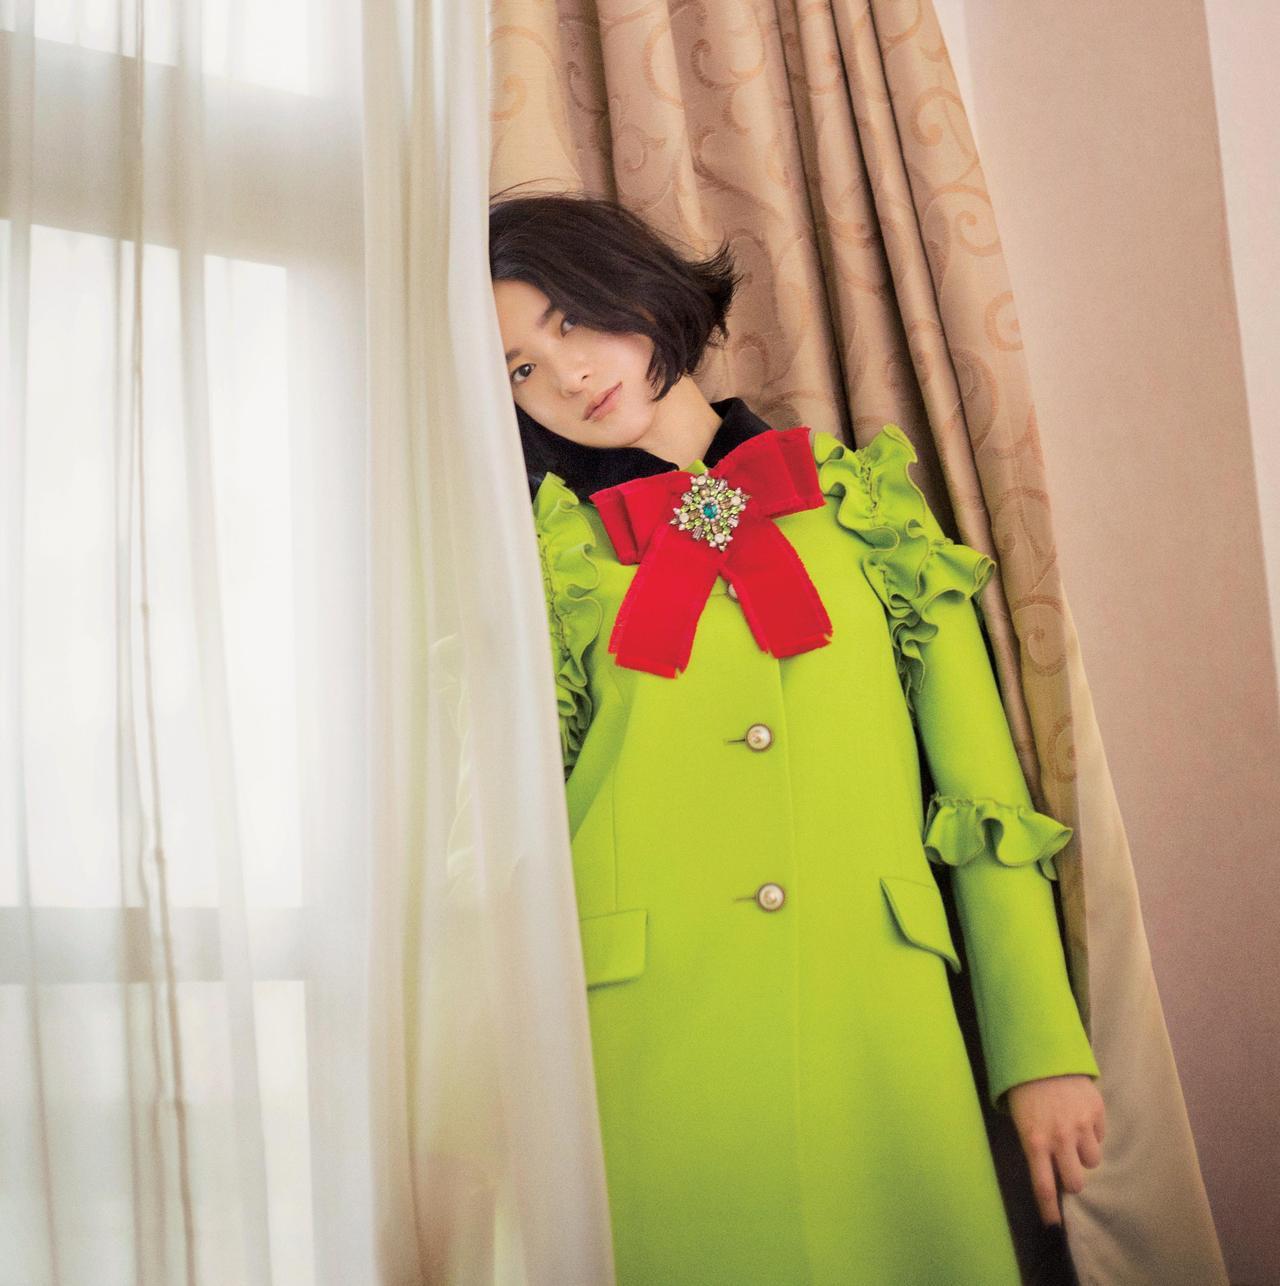 タラレバ娘 吉高由里子が30歳直前の2年間の休みに考えたこと [FRaU]